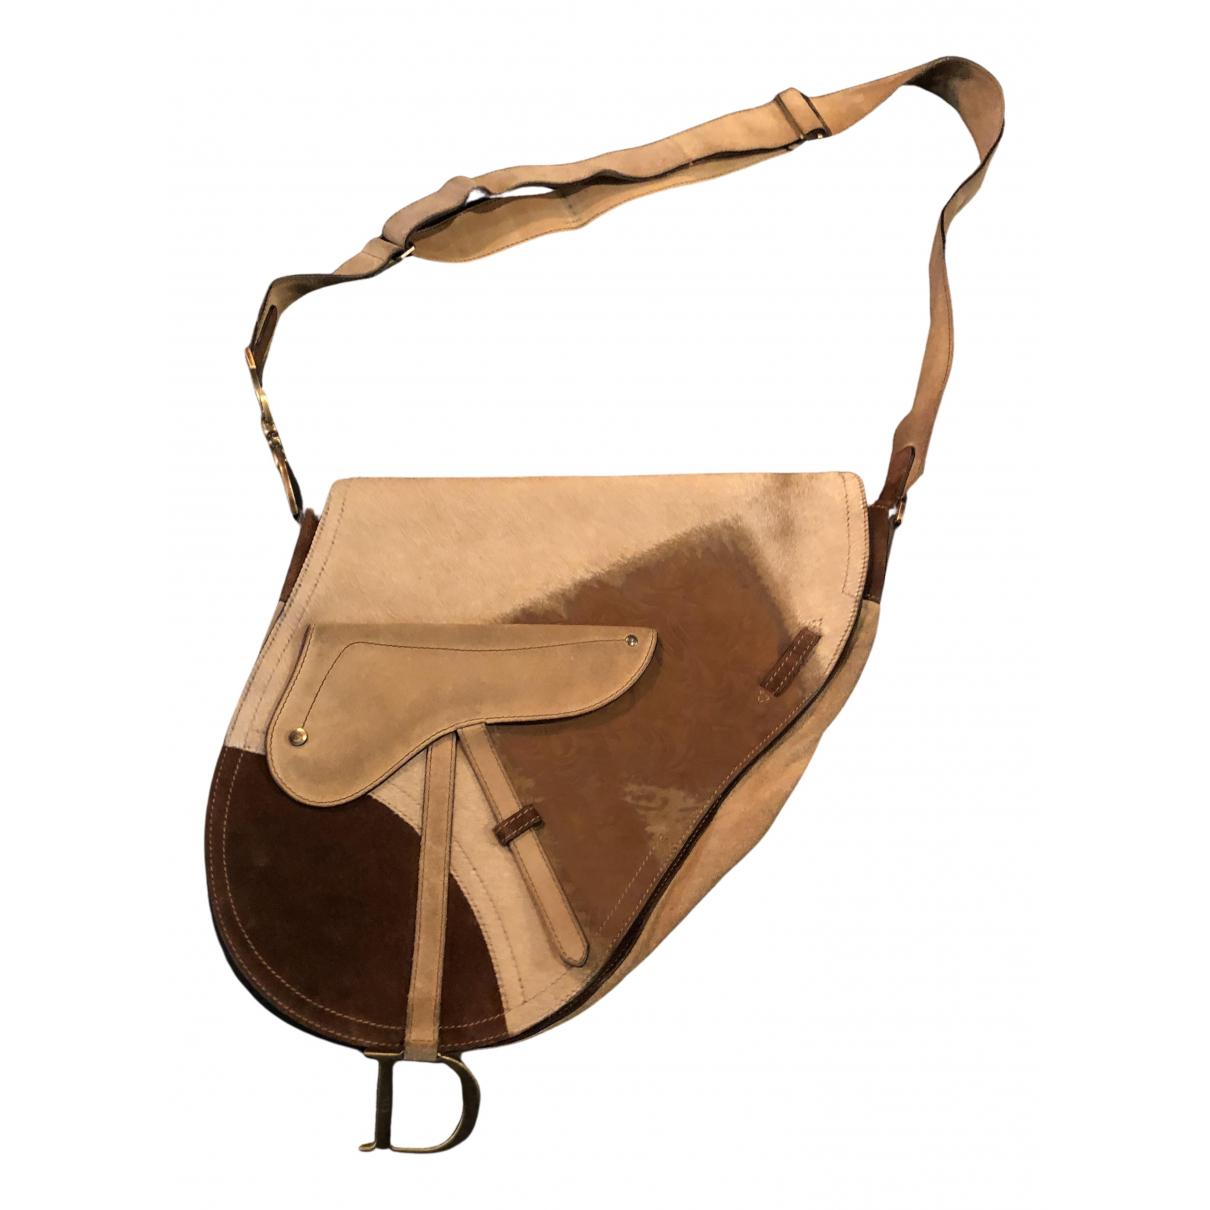 Dior - Sac a main Saddle pour femme en veau facon poulain - marron